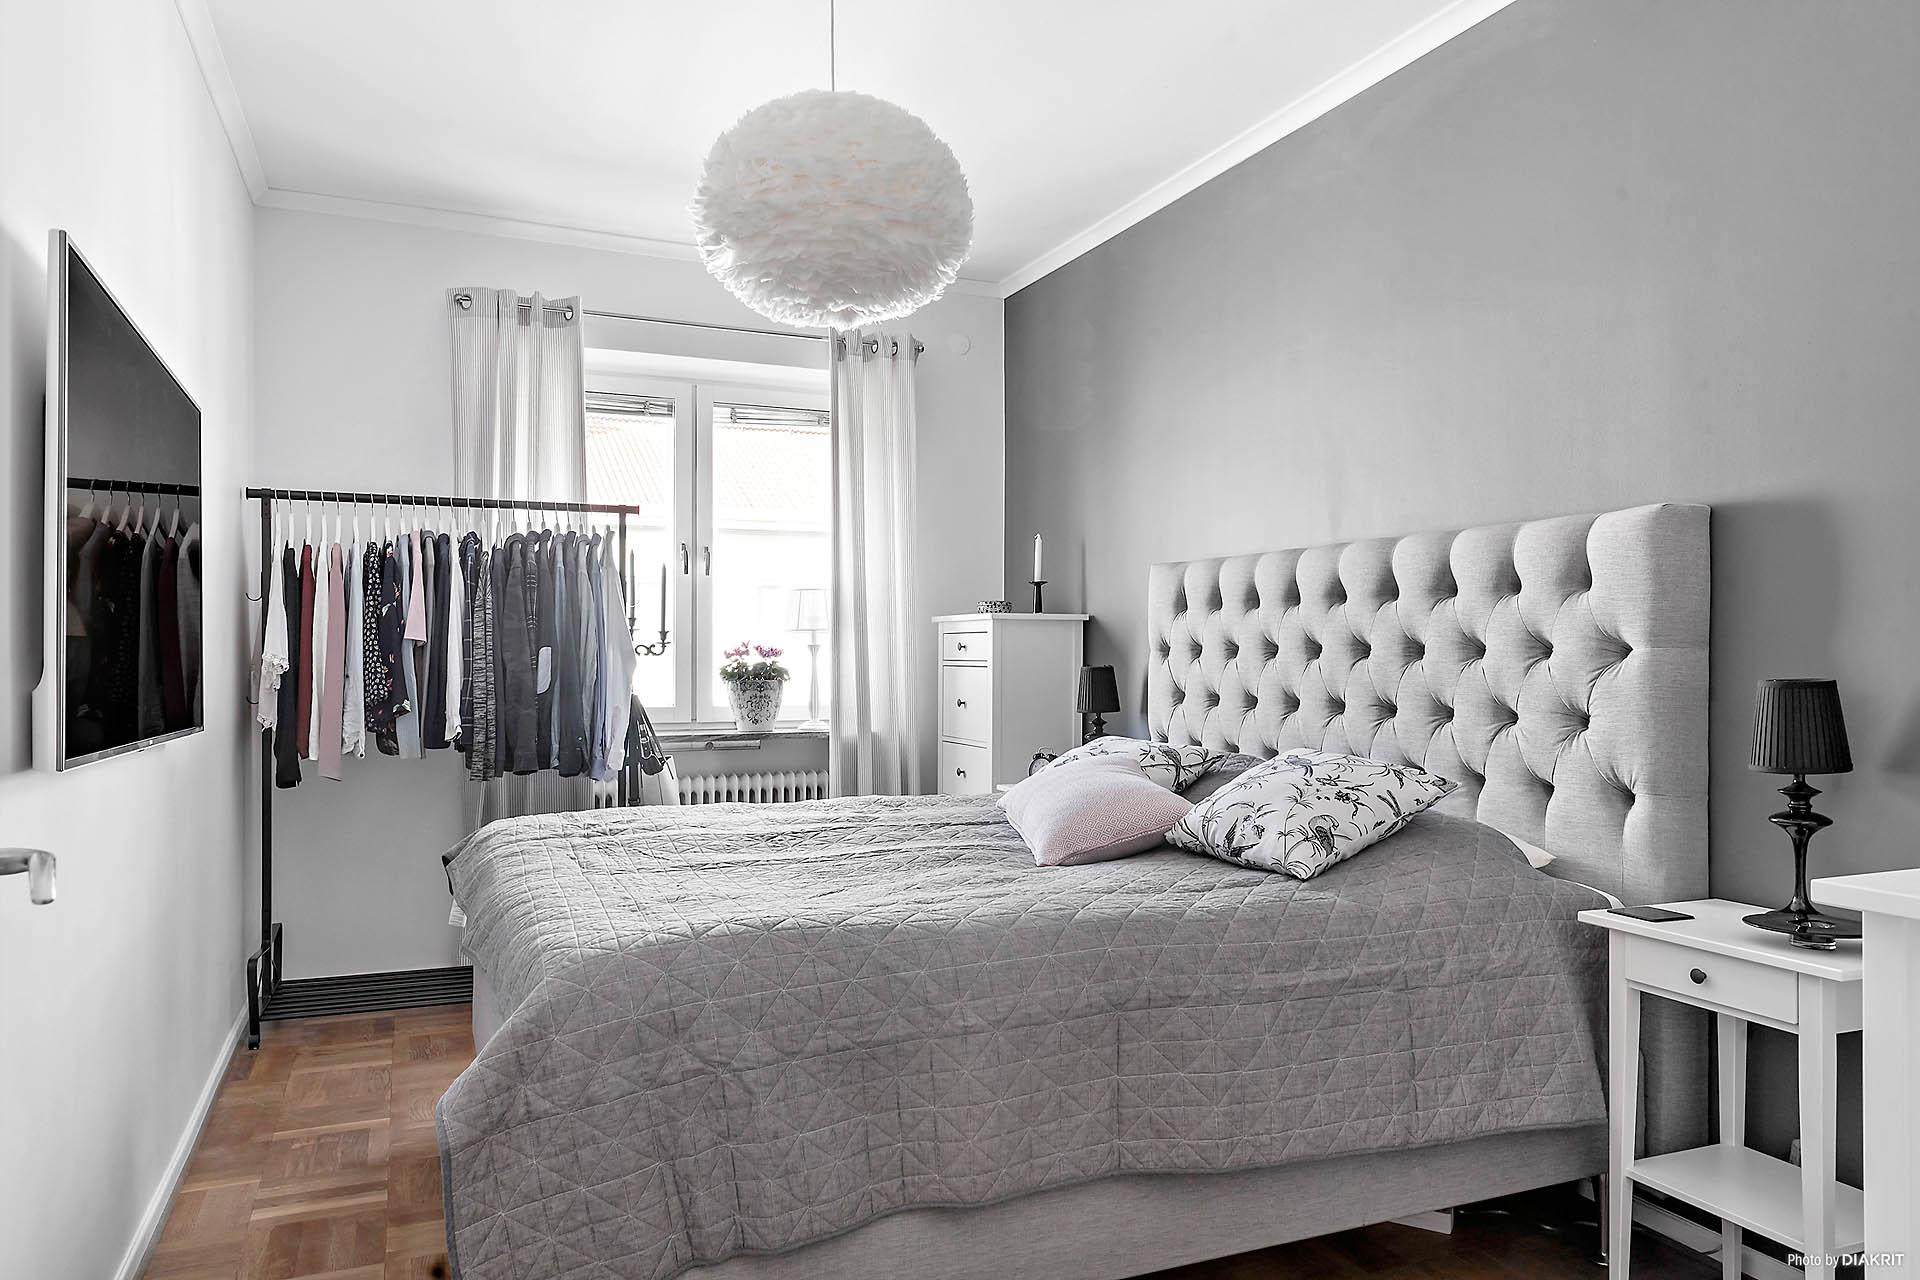 Sovrummet. Ett vilsamt rum med snygg grå nyans på ena väggen.